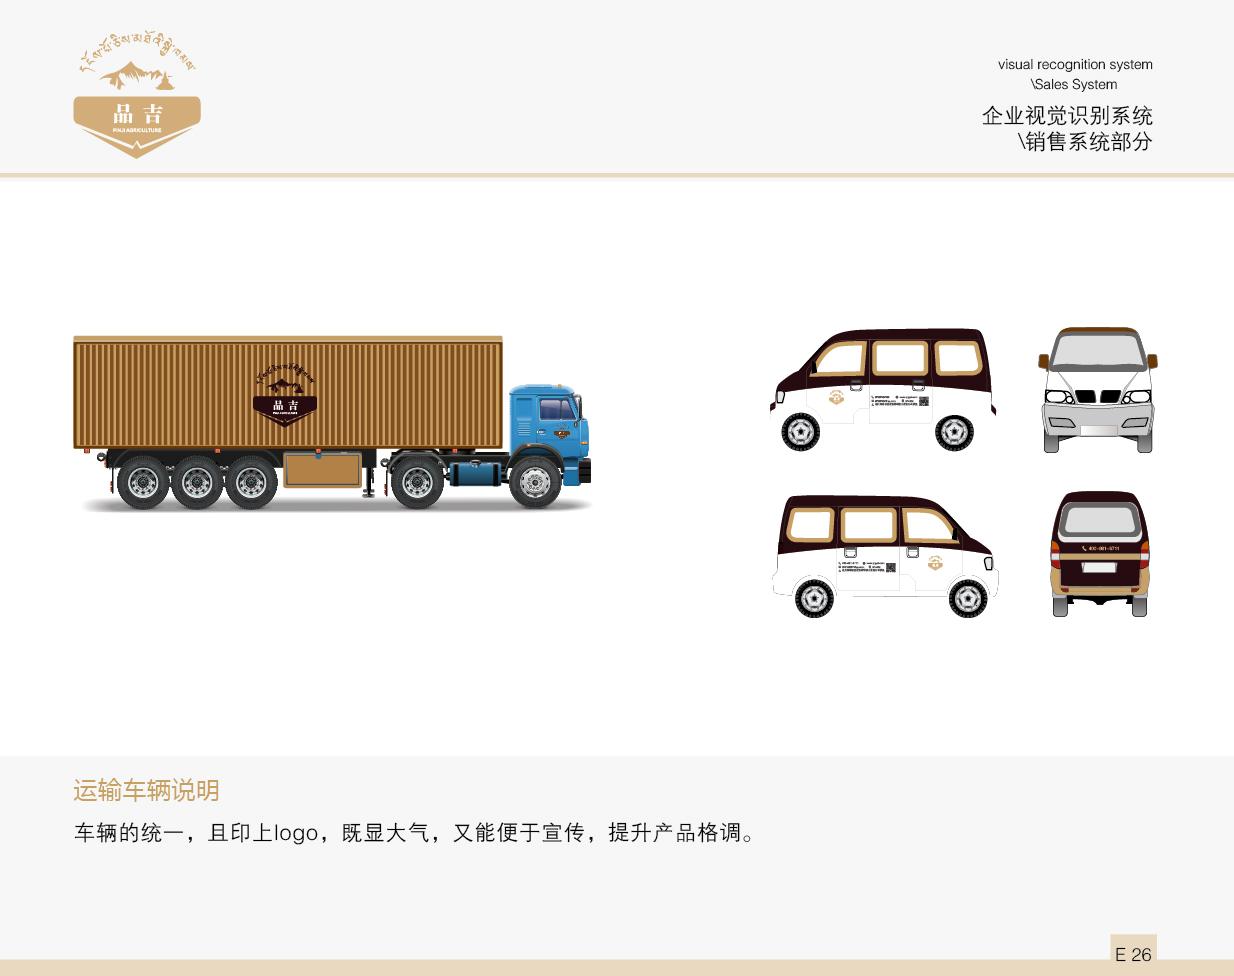 品吉农业VI 销售系统部分  客户资料  第27张